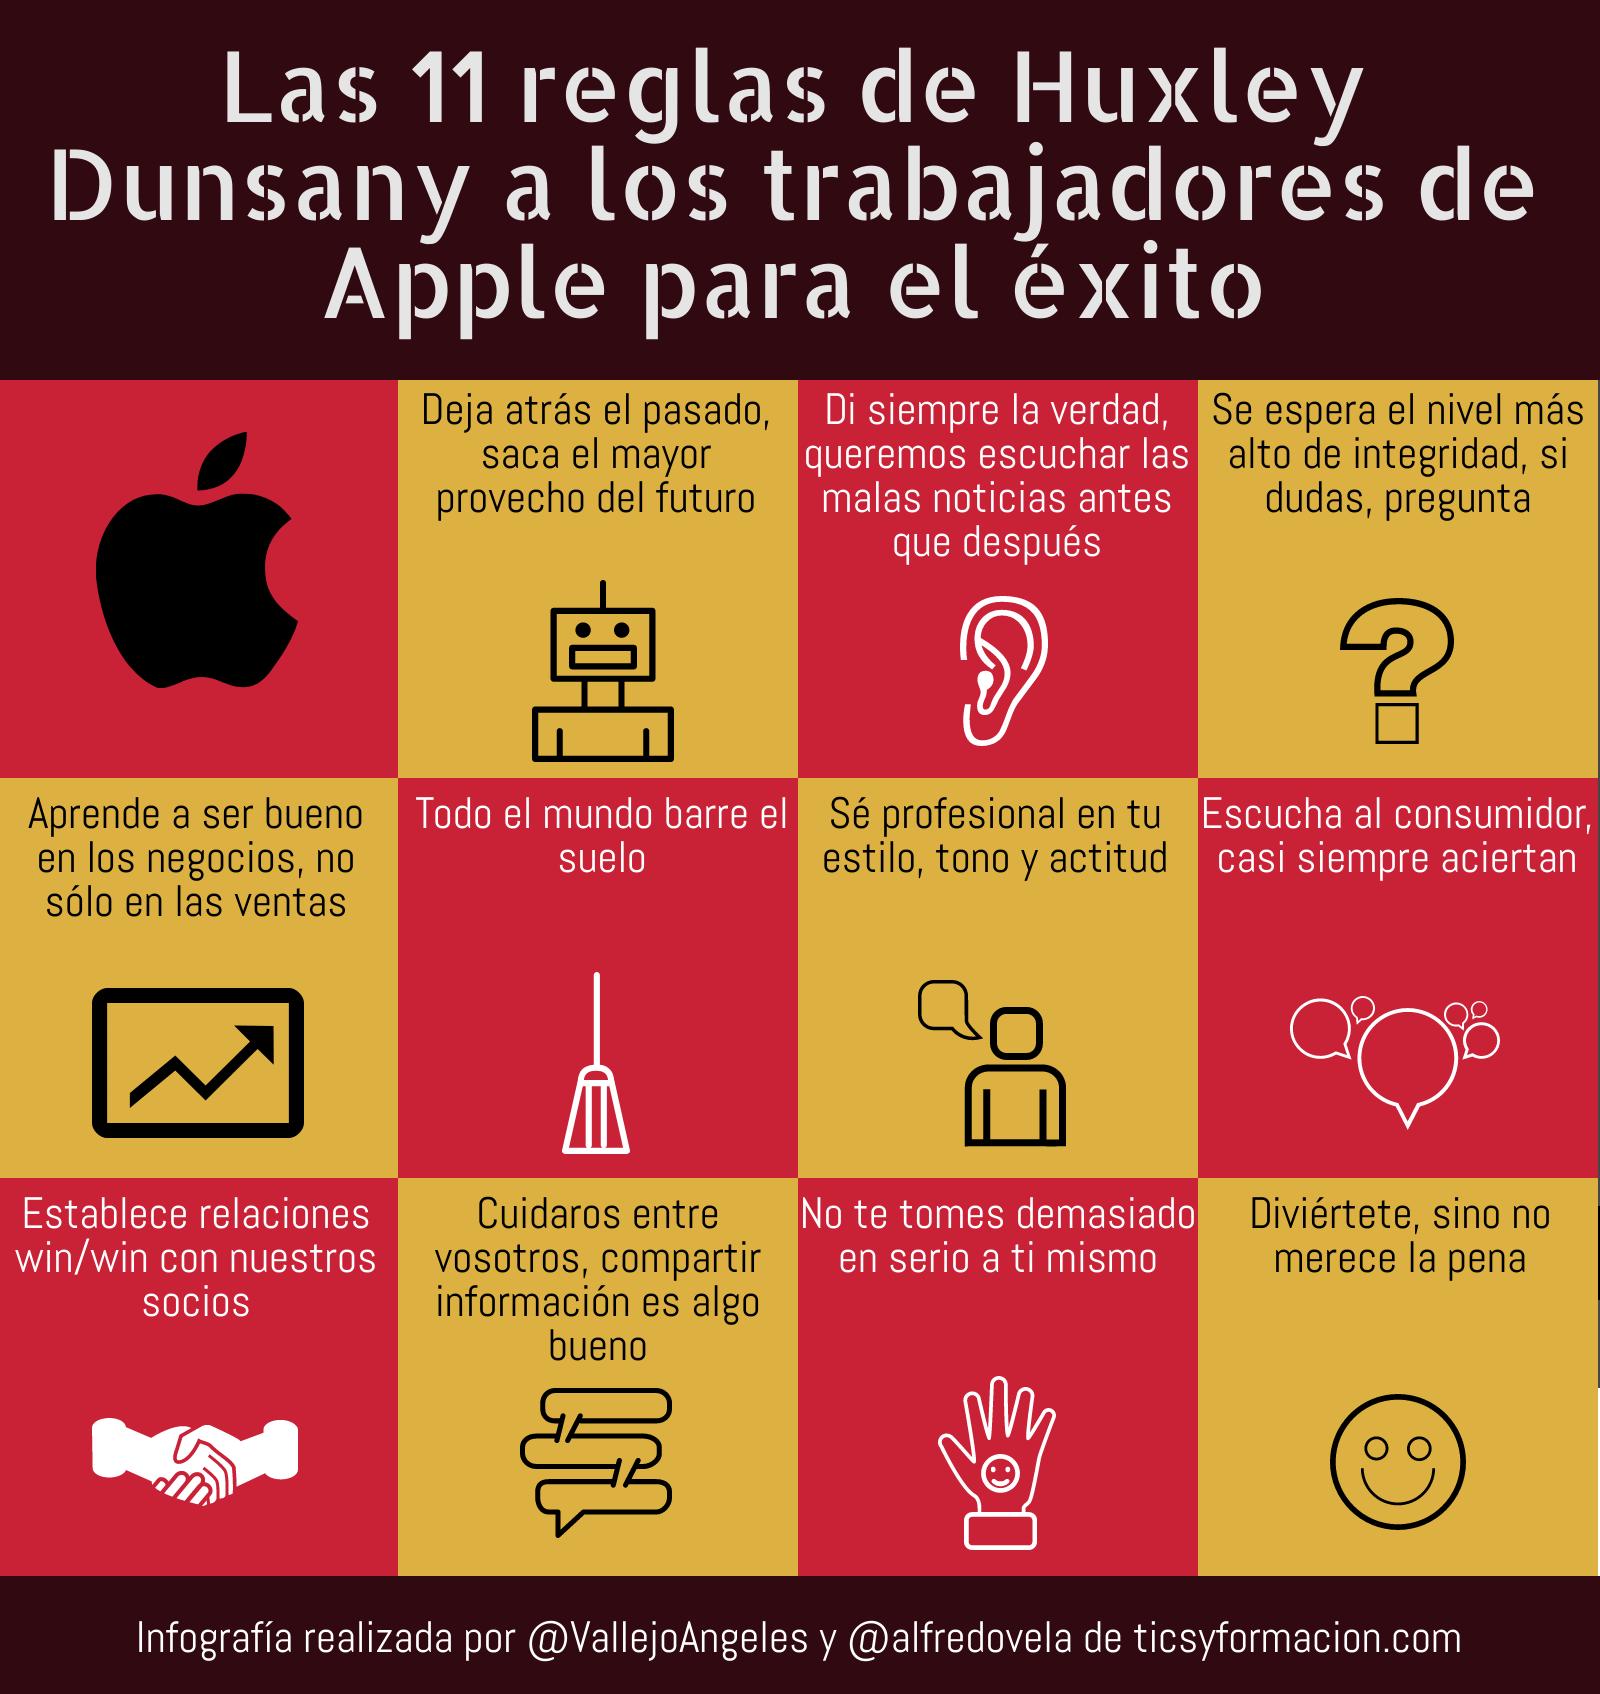 Las 11 reglas deHuxley Dunsany a los trabajadoresde Apple para el éxito #infografia #rrhh #motivación